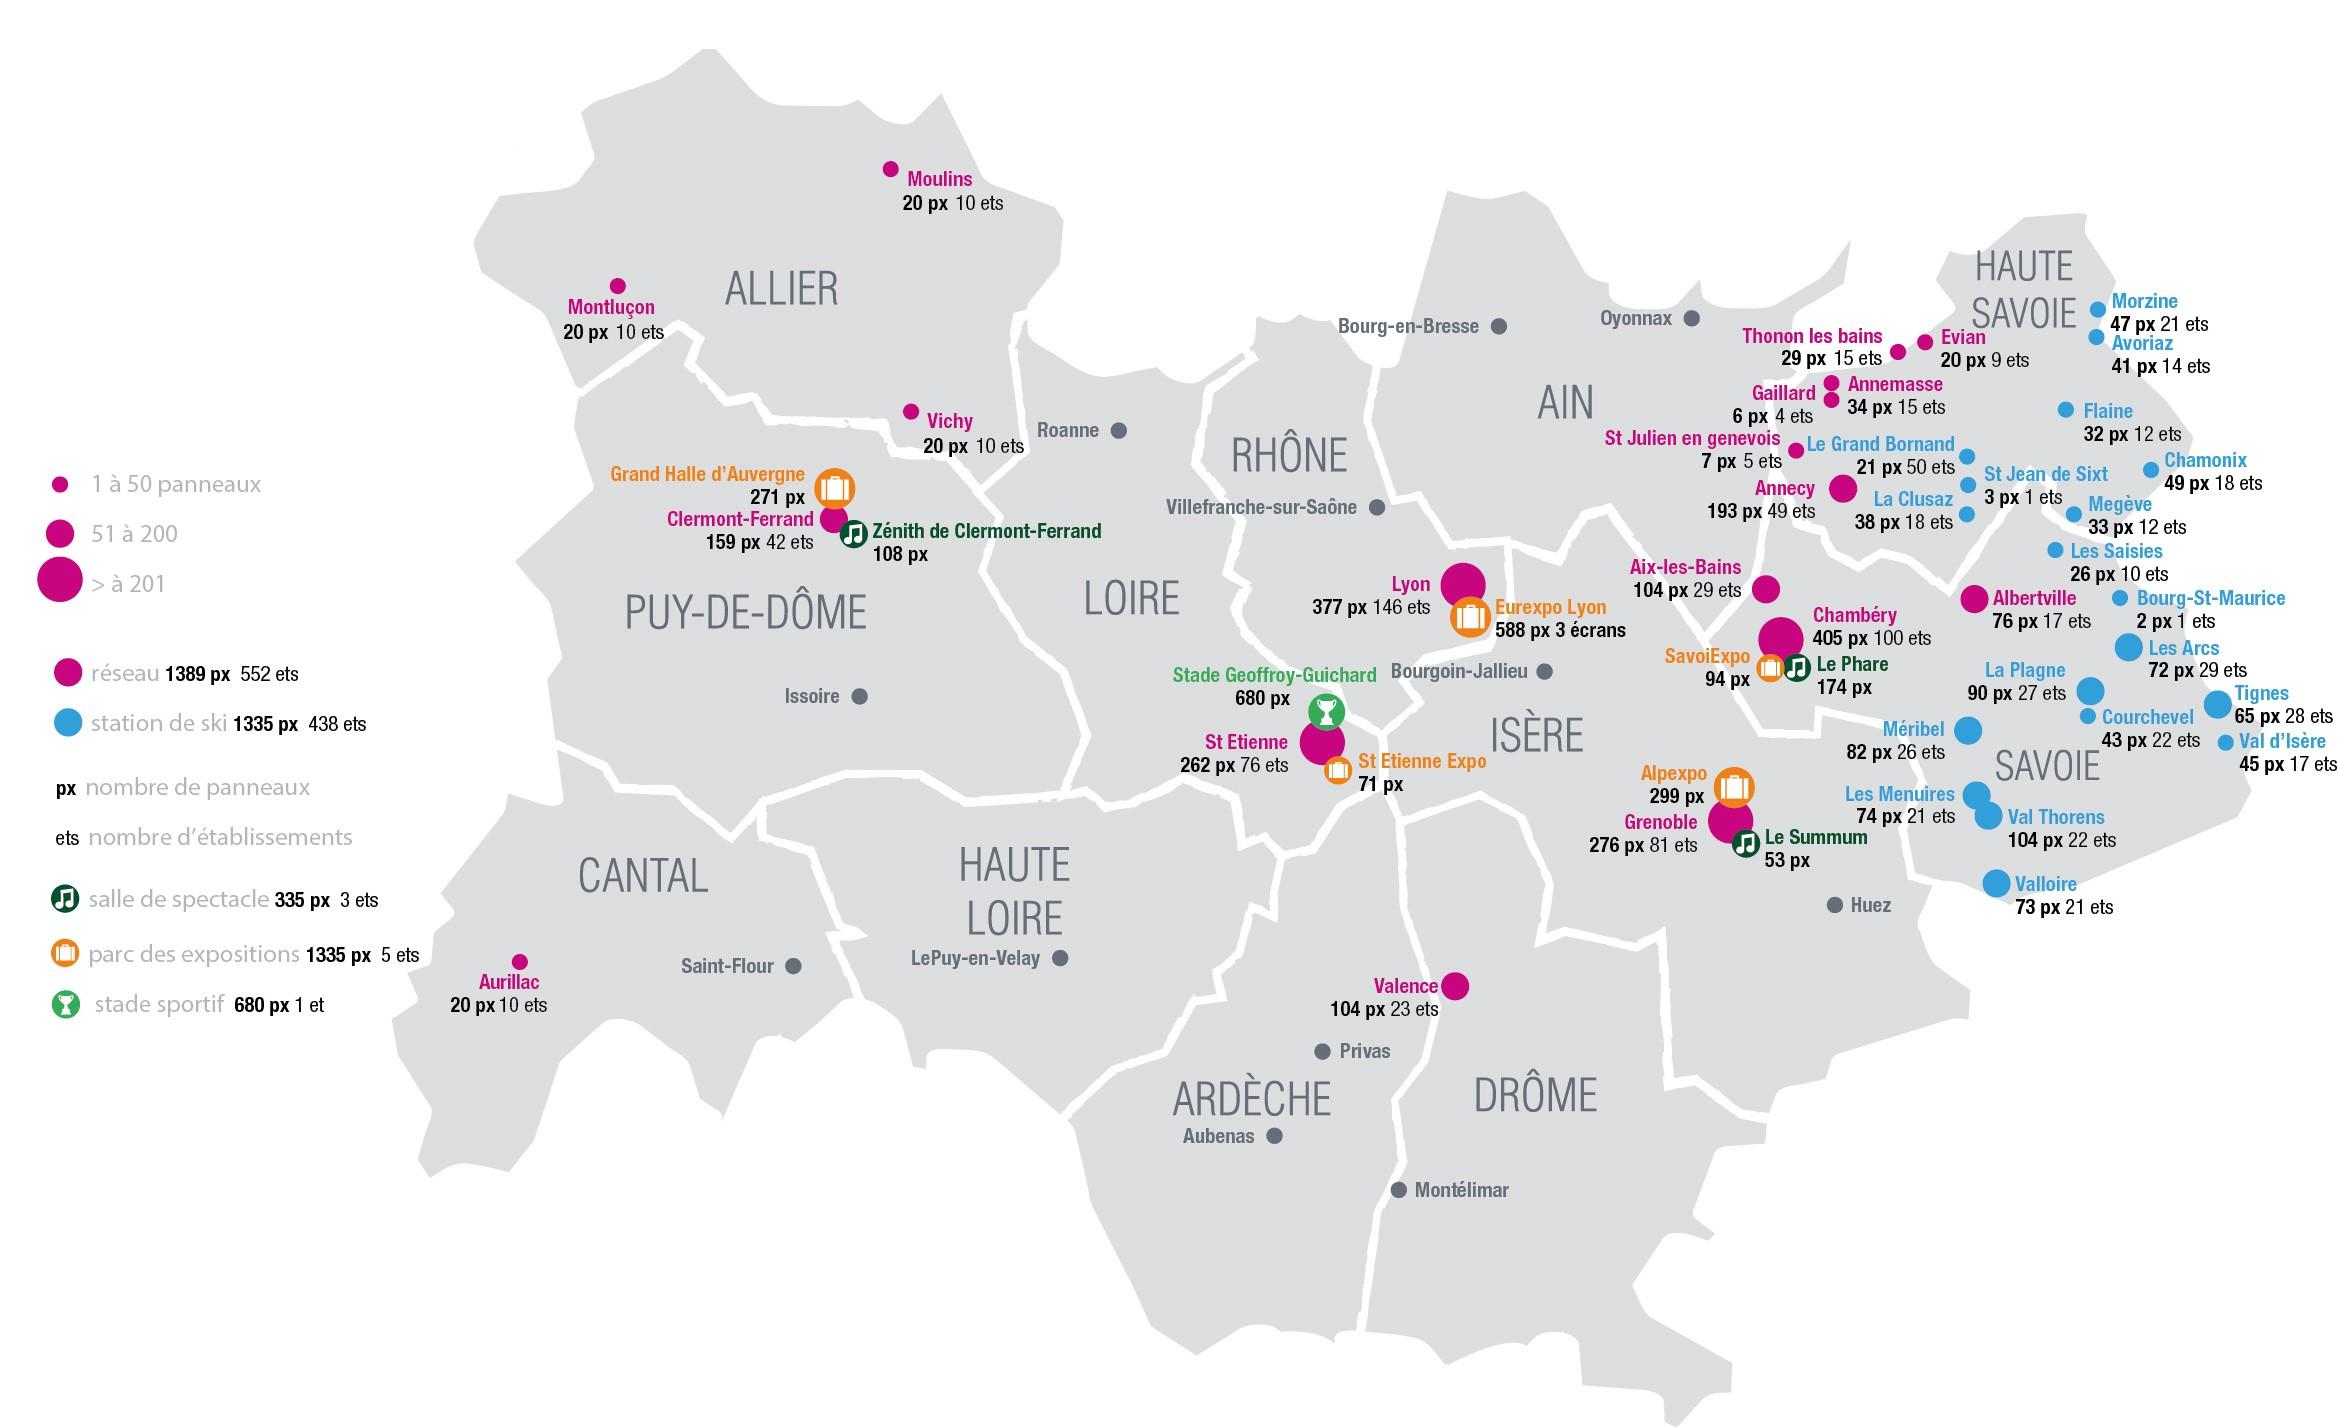 Map-AURA-Miseejours08-2021